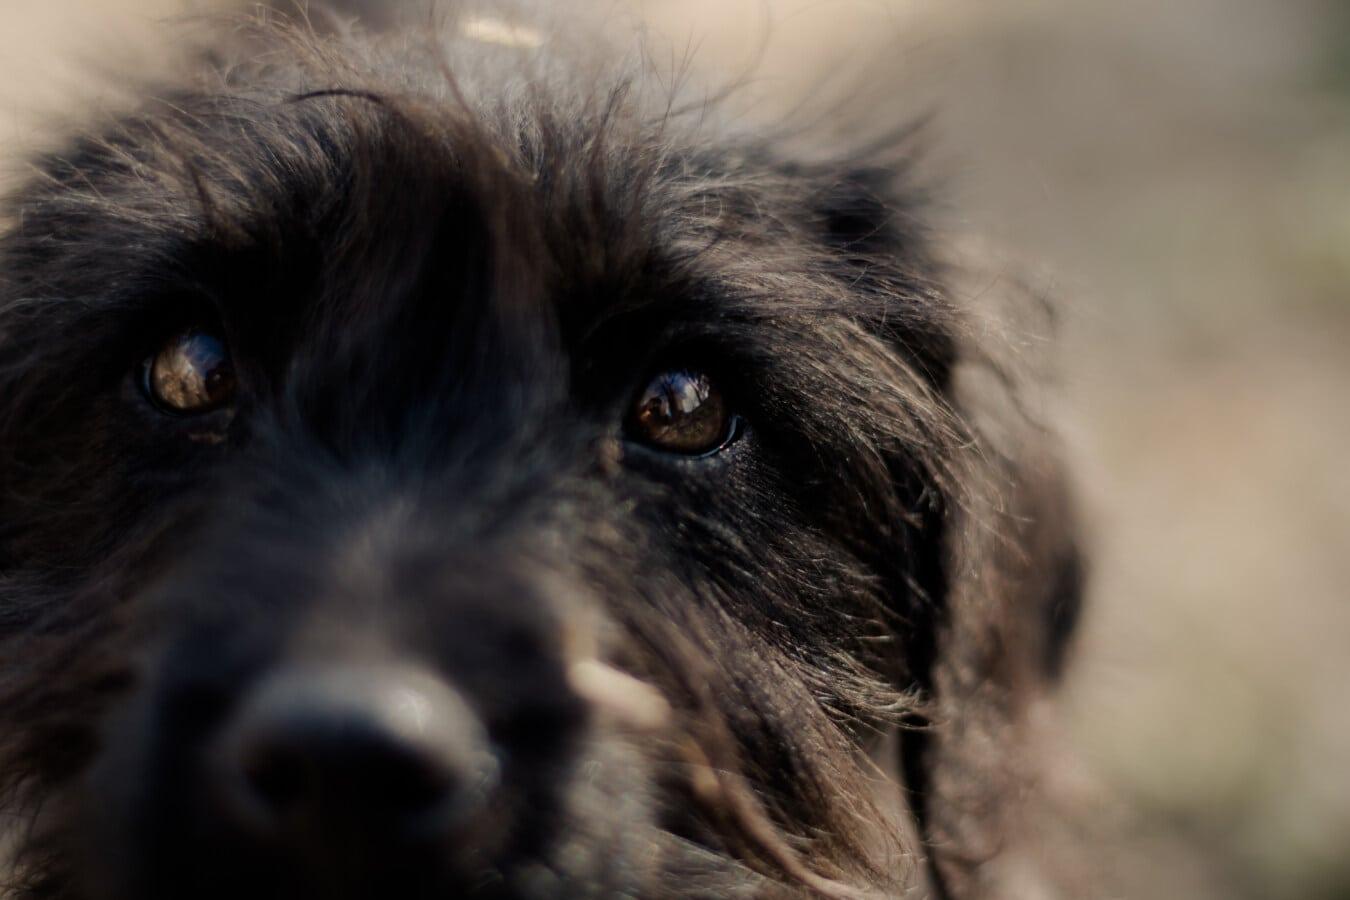 close-up, dog, eyes, black, fur, portrait, canine, eye, cute, animal